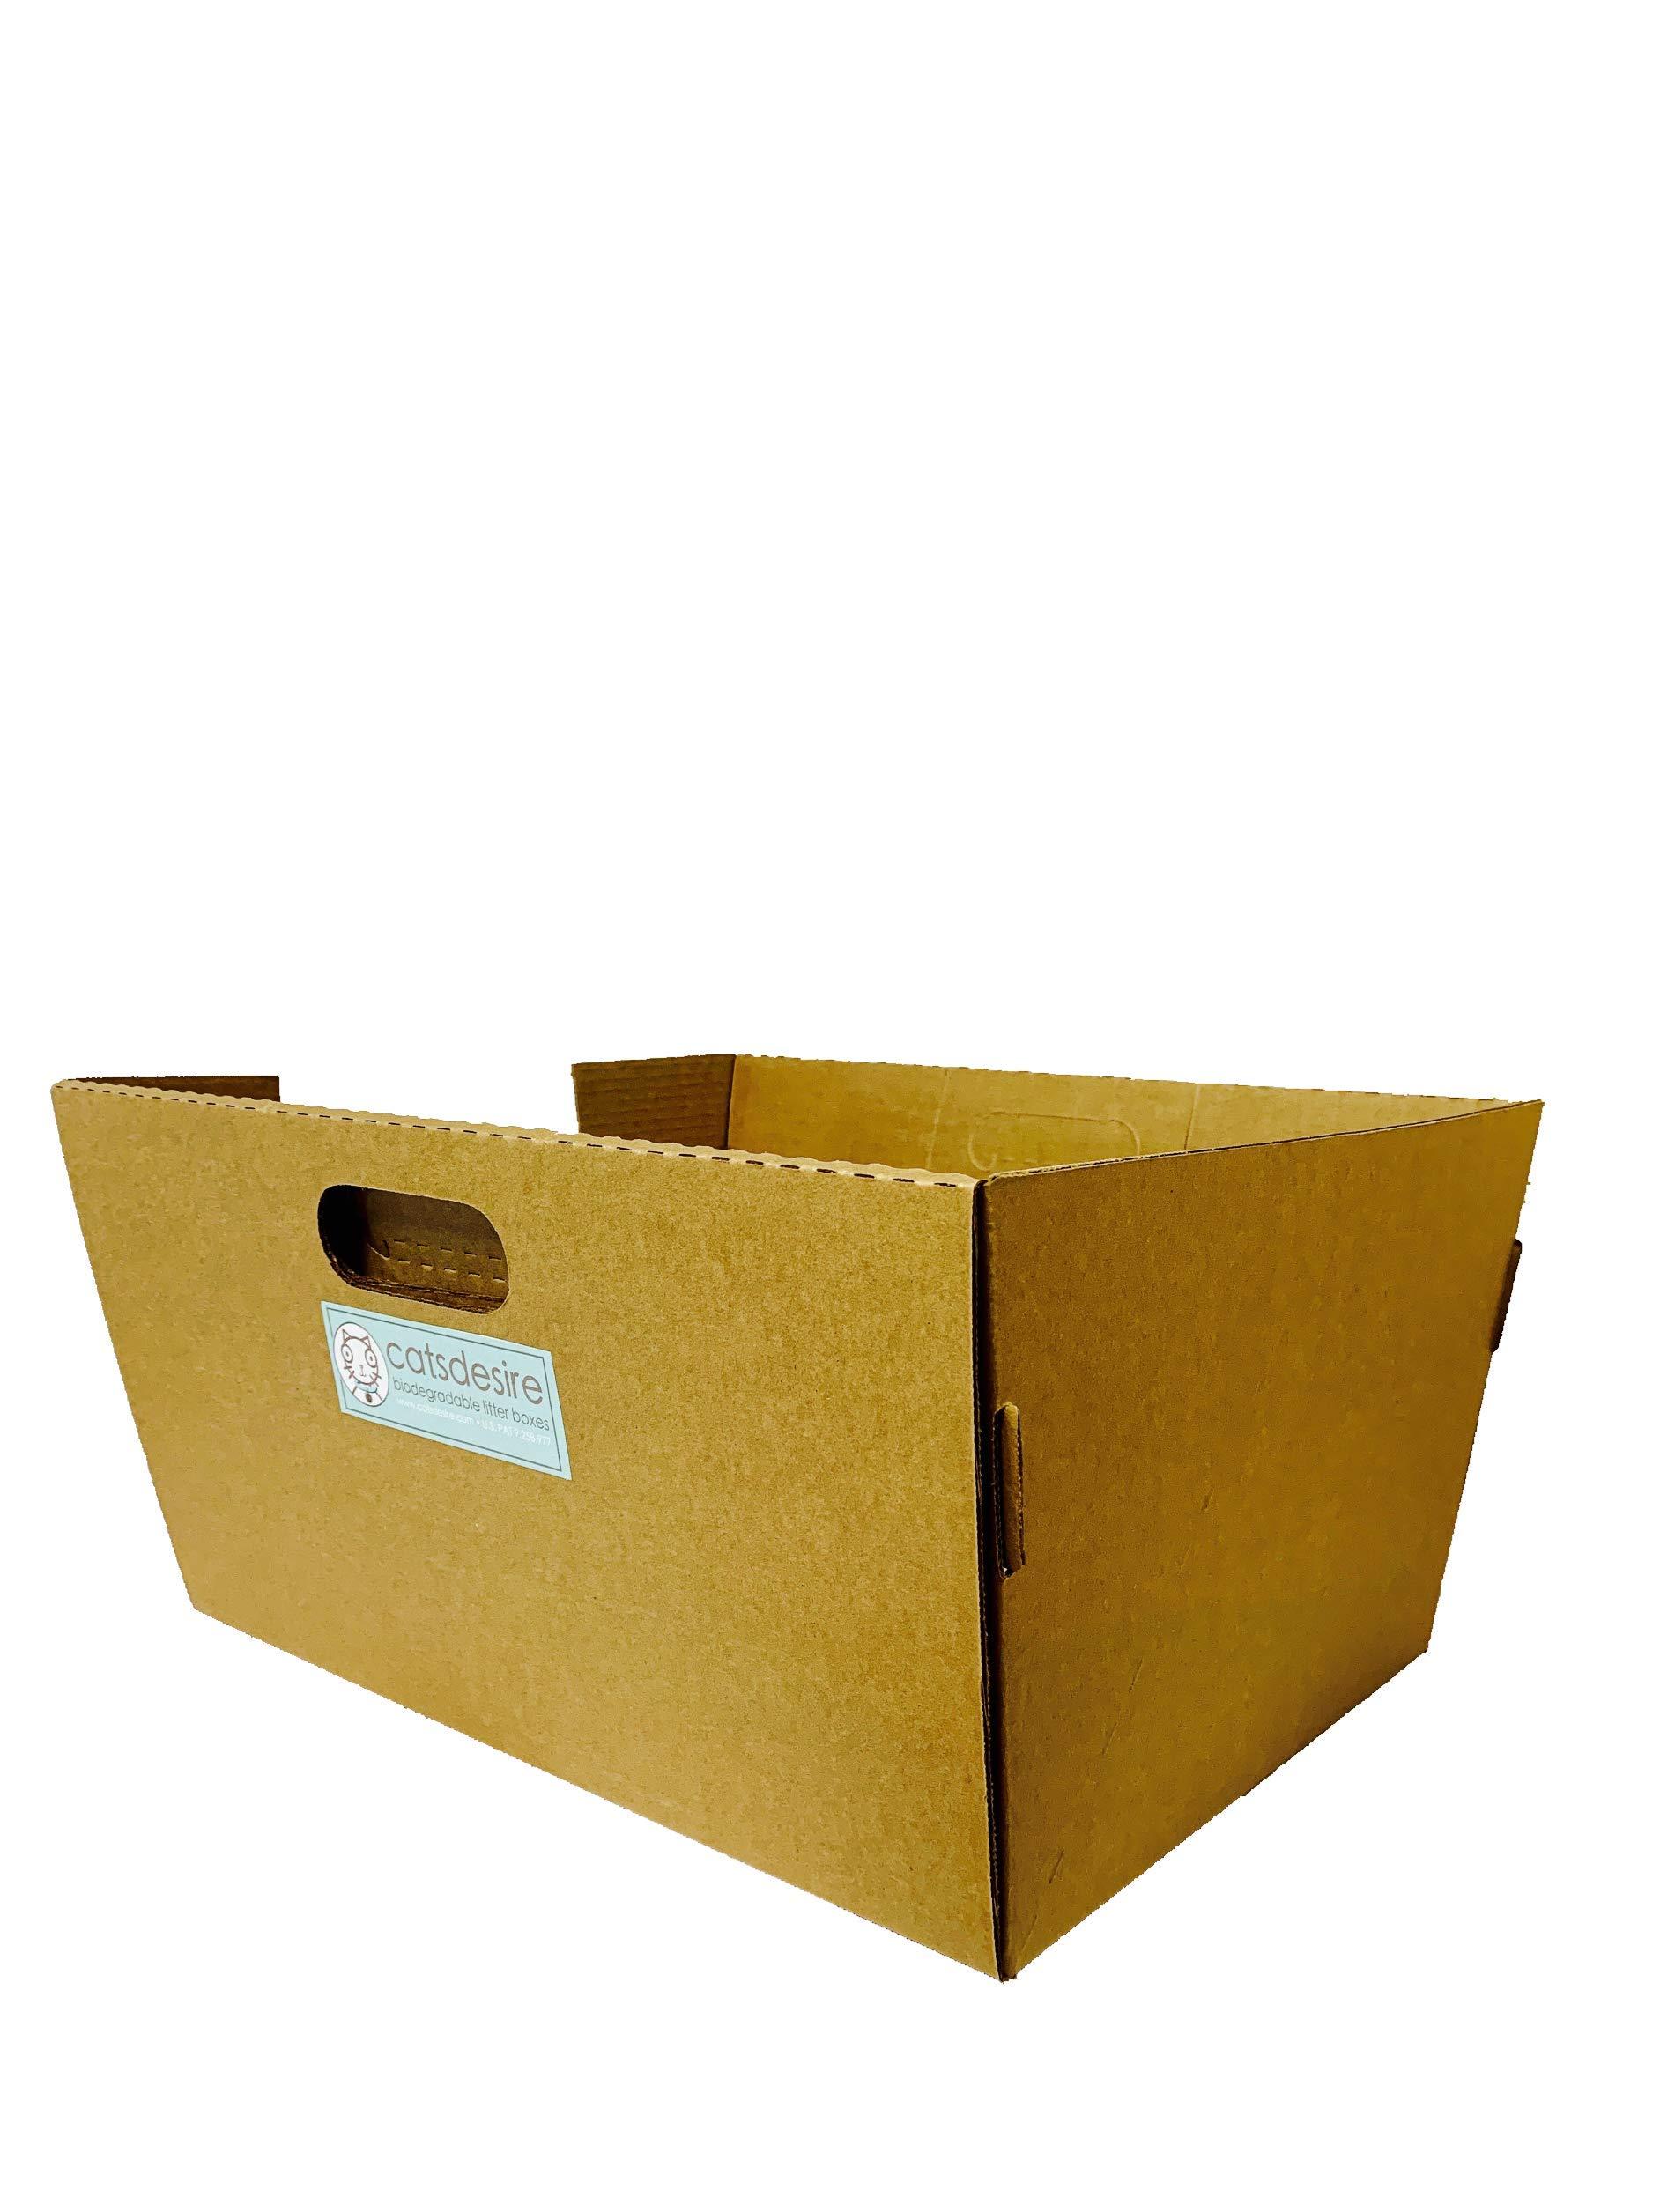 Cats Desire Disposable Litter Boxes Disposable Litter Boxes, 10 Piece 4